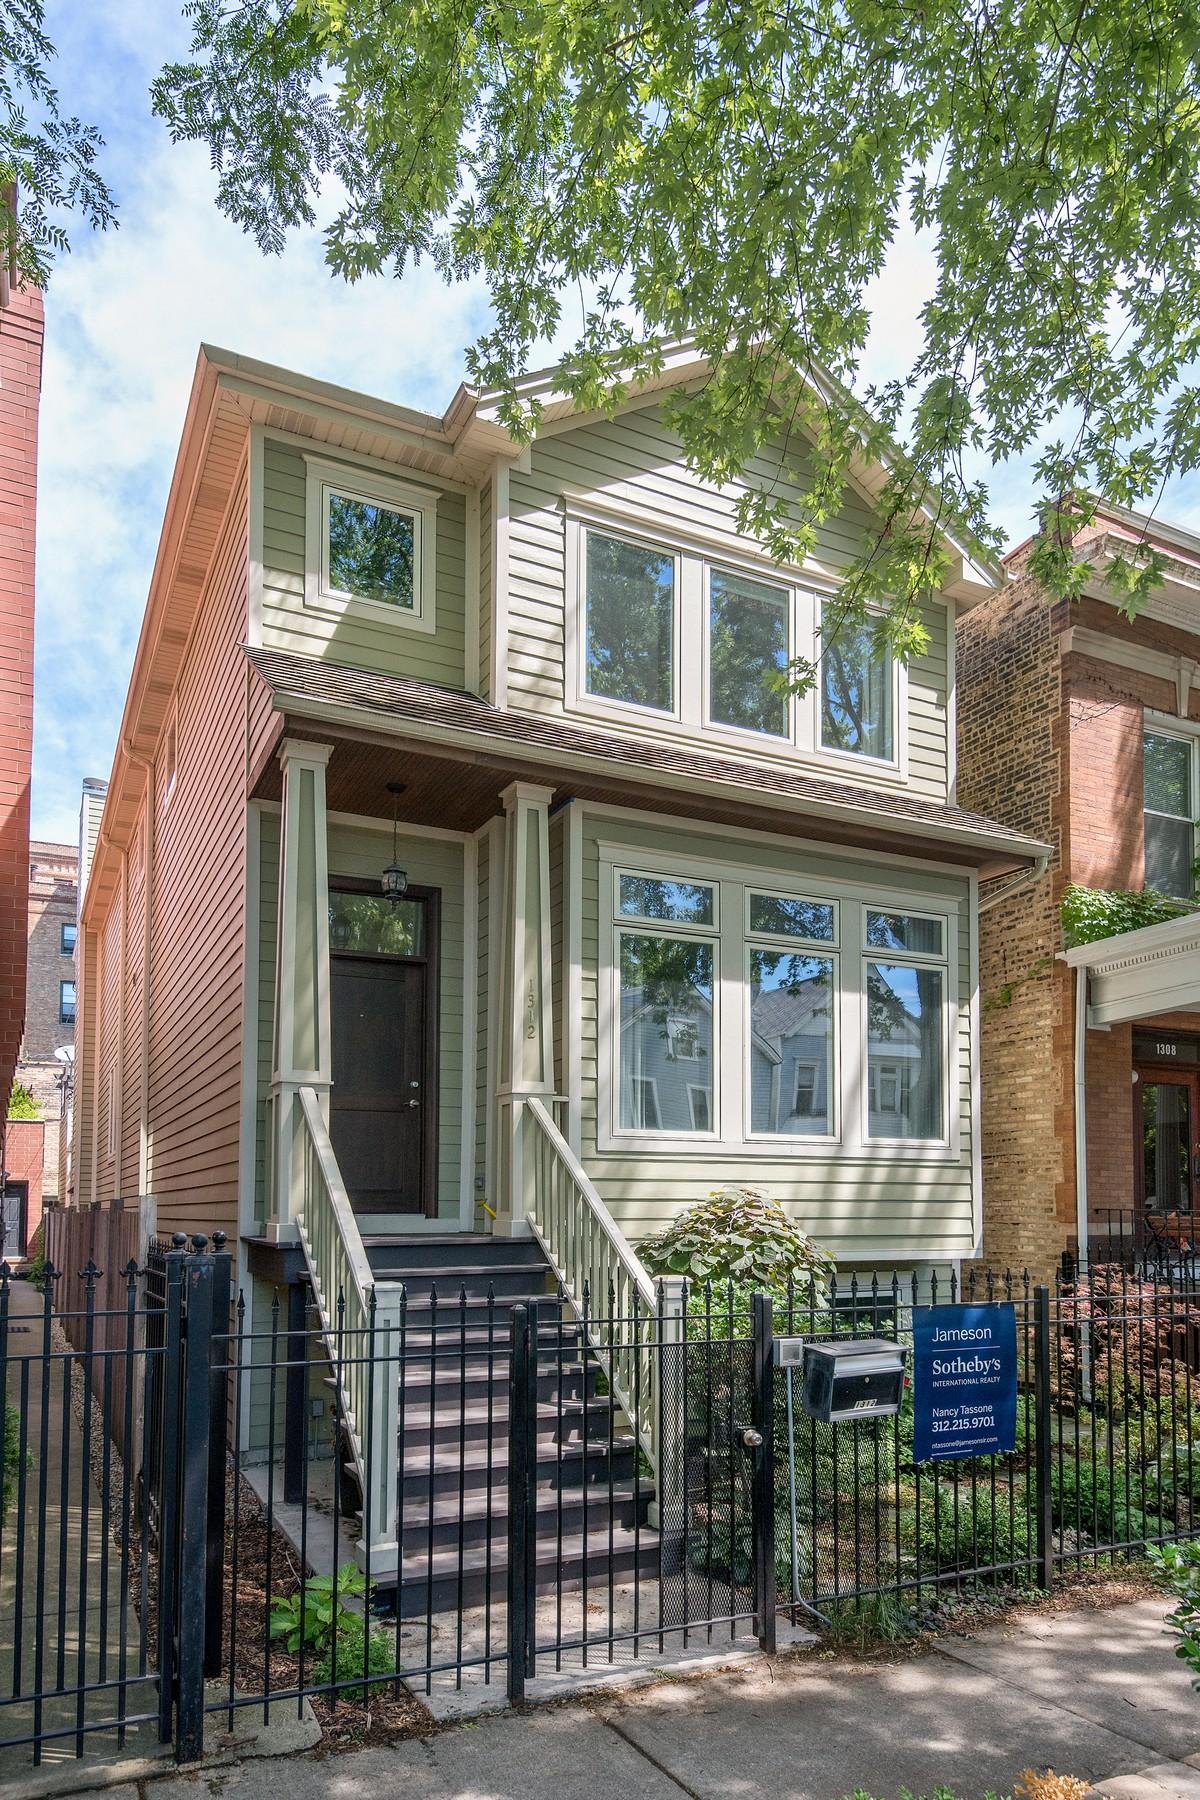 Einfamilienhaus für Verkauf beim Perfect Lakeview Home In Burley School District! 1312 W Barry Avenue Lakeview, Chicago, Illinois, 60657 Vereinigte Staaten